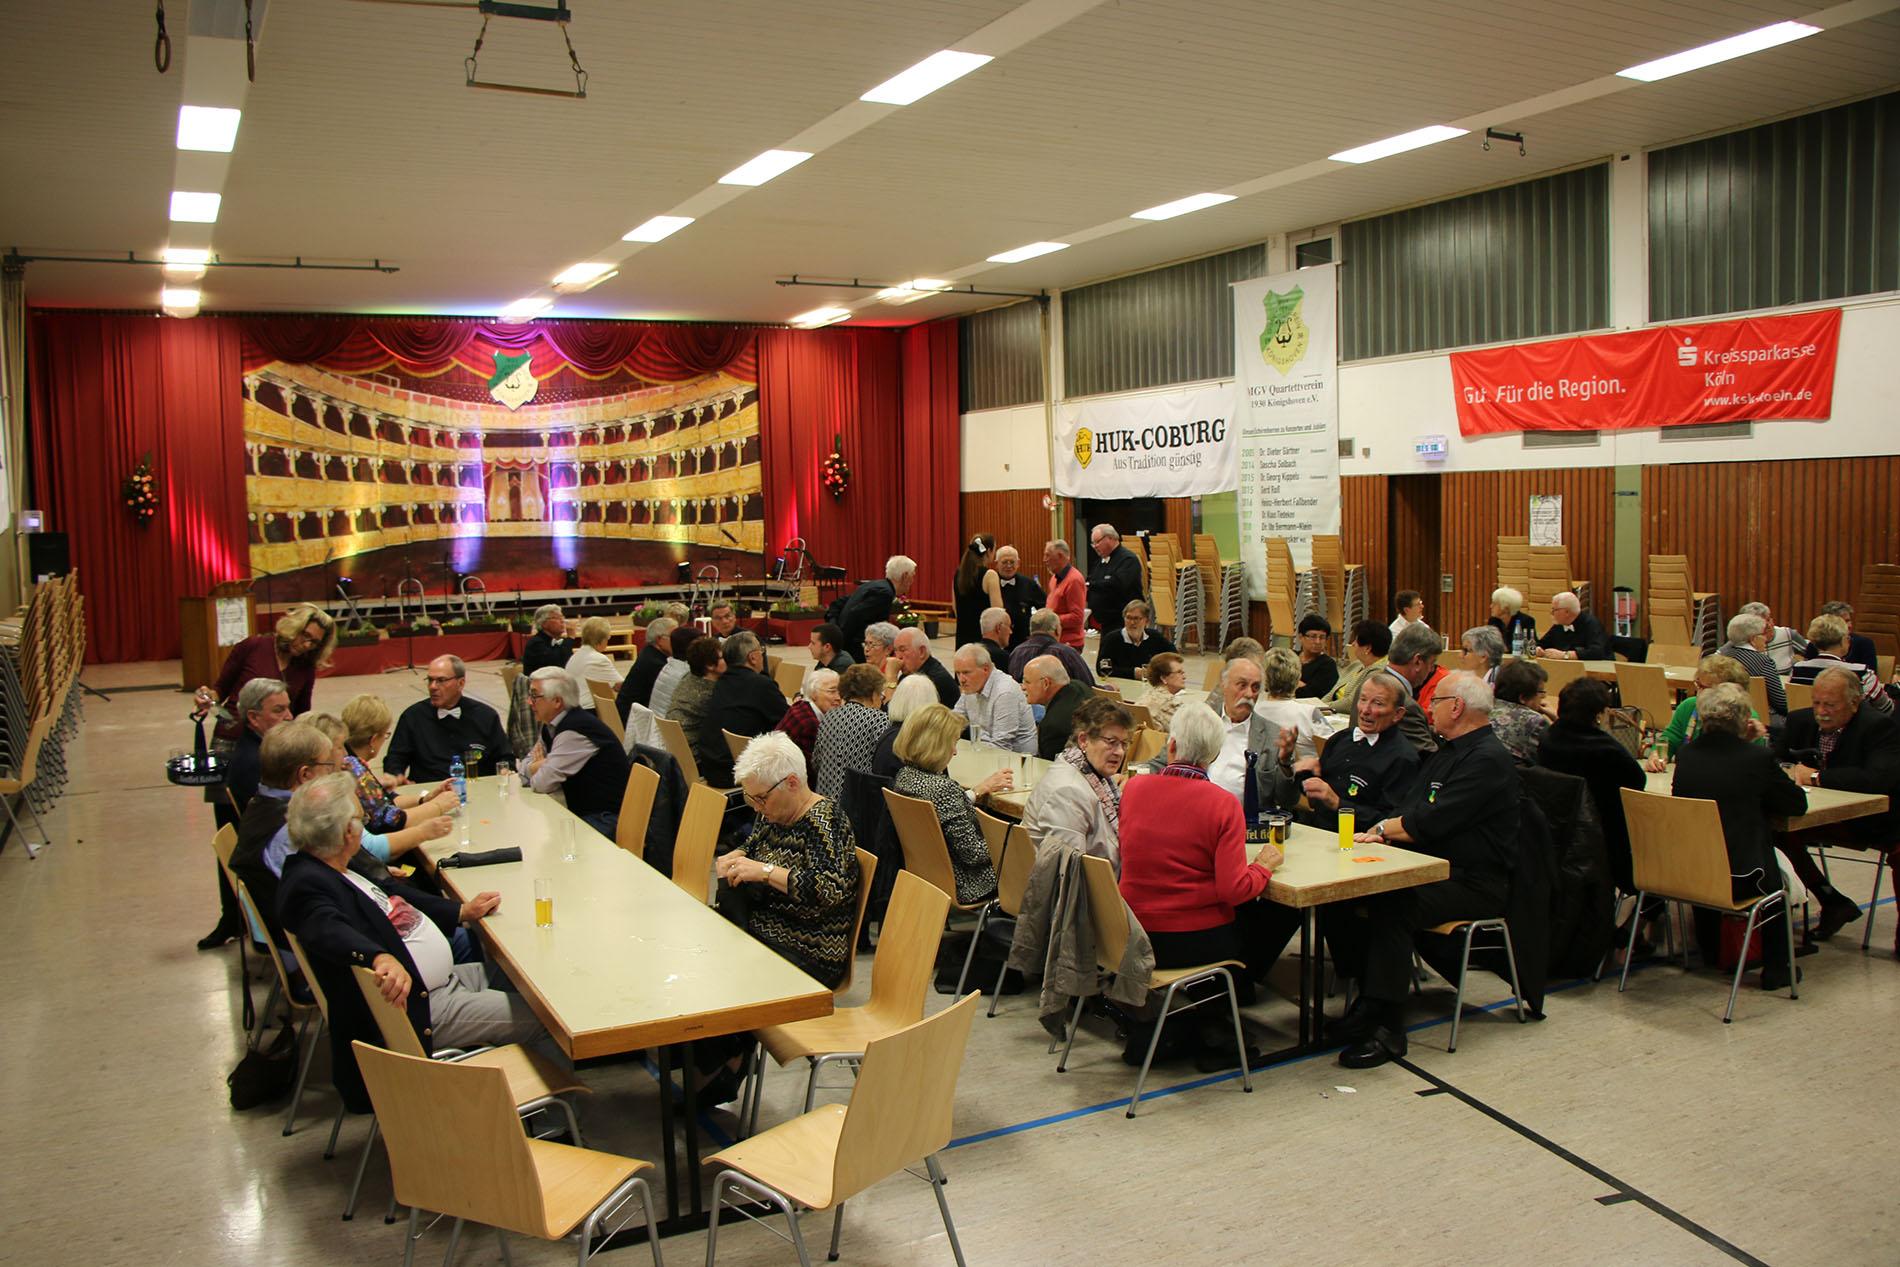 Bei einem leckeren Imbiss und kühlen Getränken wurden viele Meinungen und Ideen in guten Gesprächen rund um das Herbstkonzert ausgetauscht.